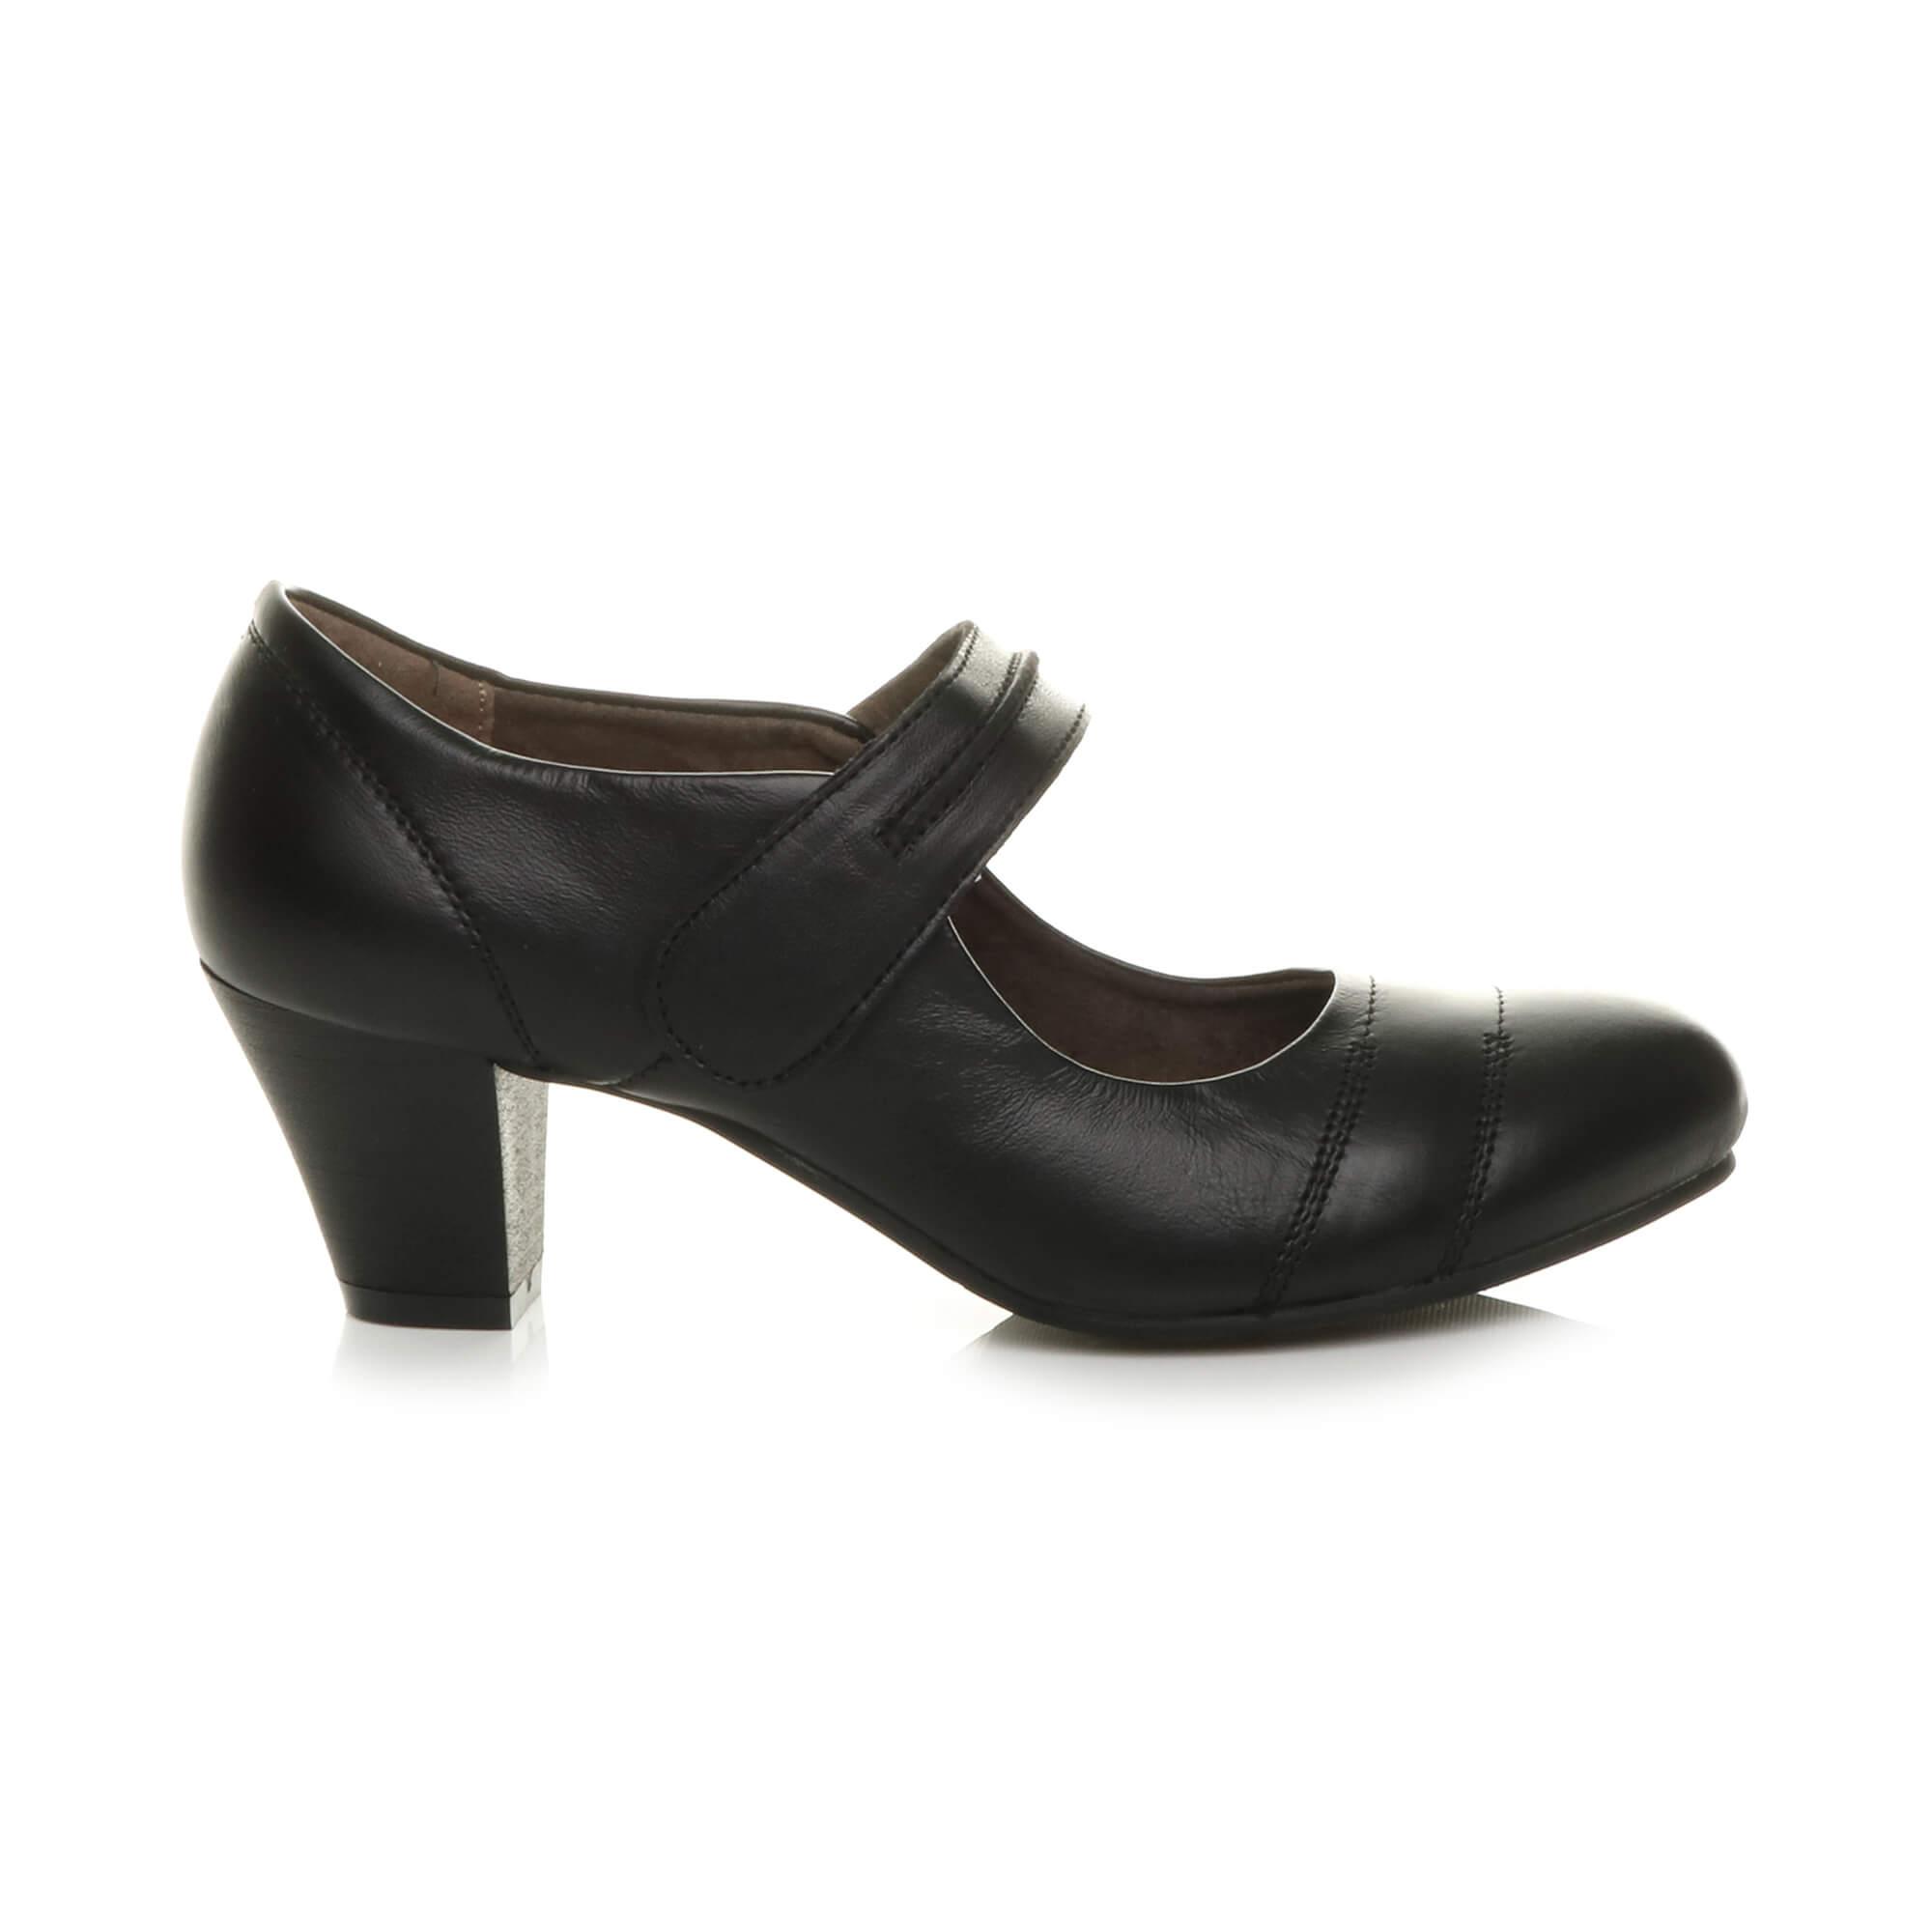 Damen Mittelblockabsatz Komfort Leder Grund Mary Jane Pumps Schuhe Größe 5 38 pljamXL